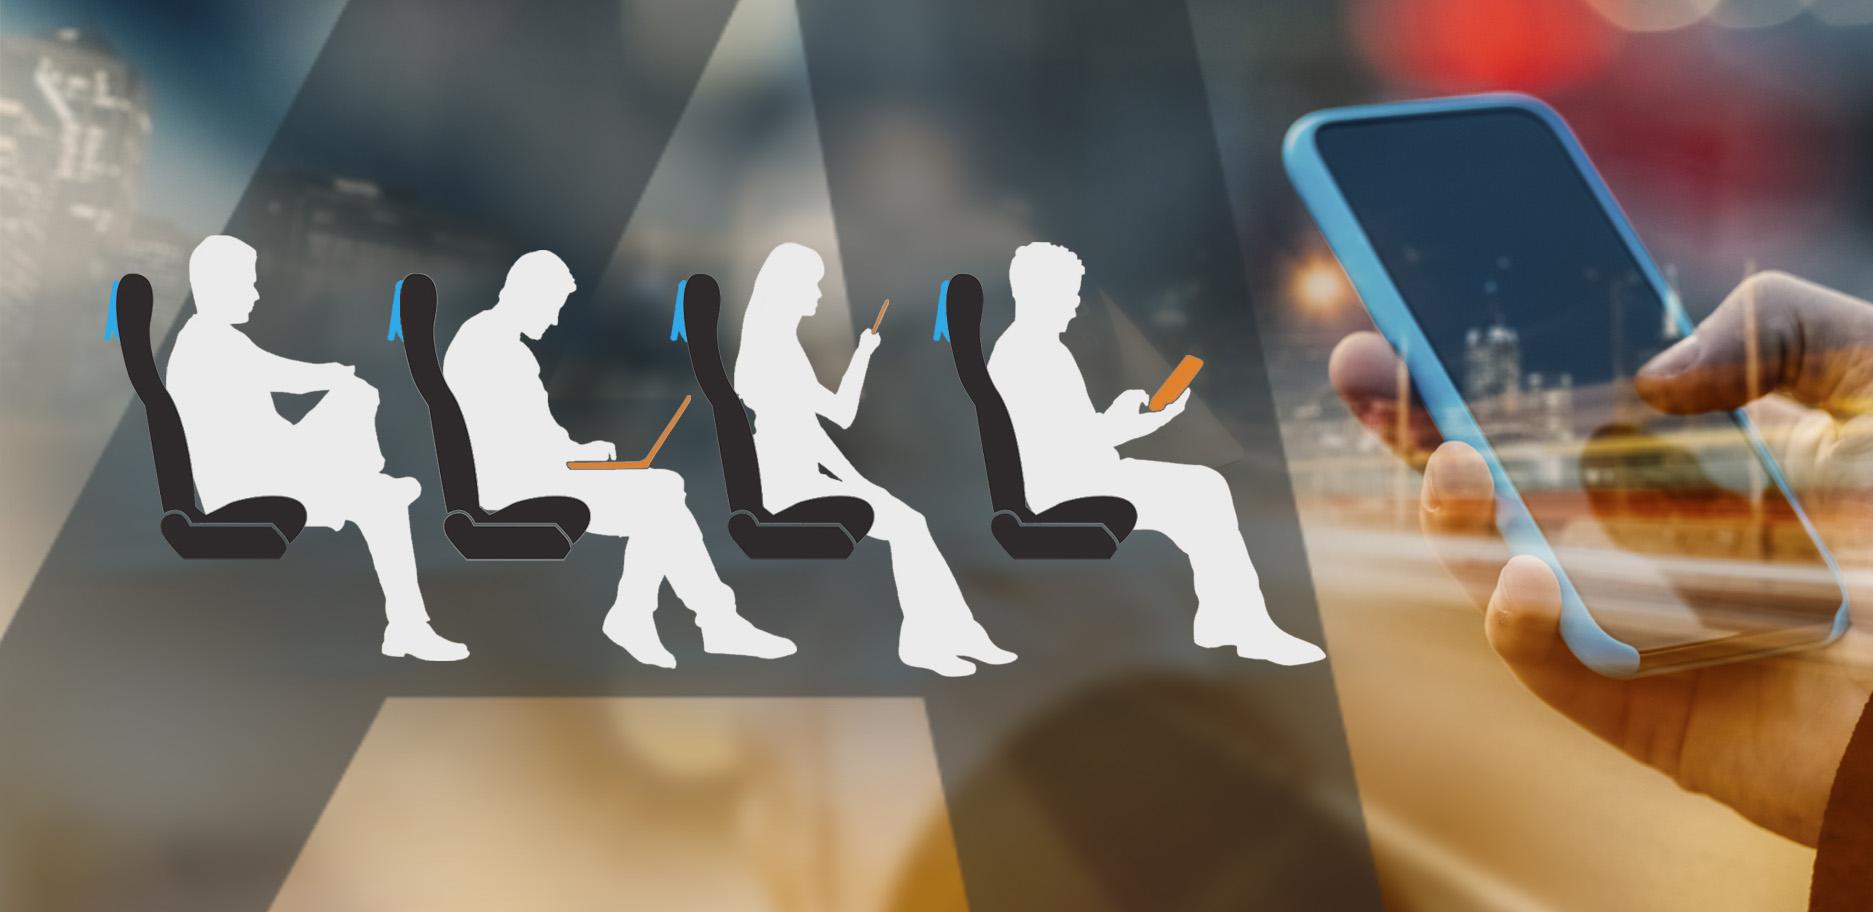 Azimut passengers